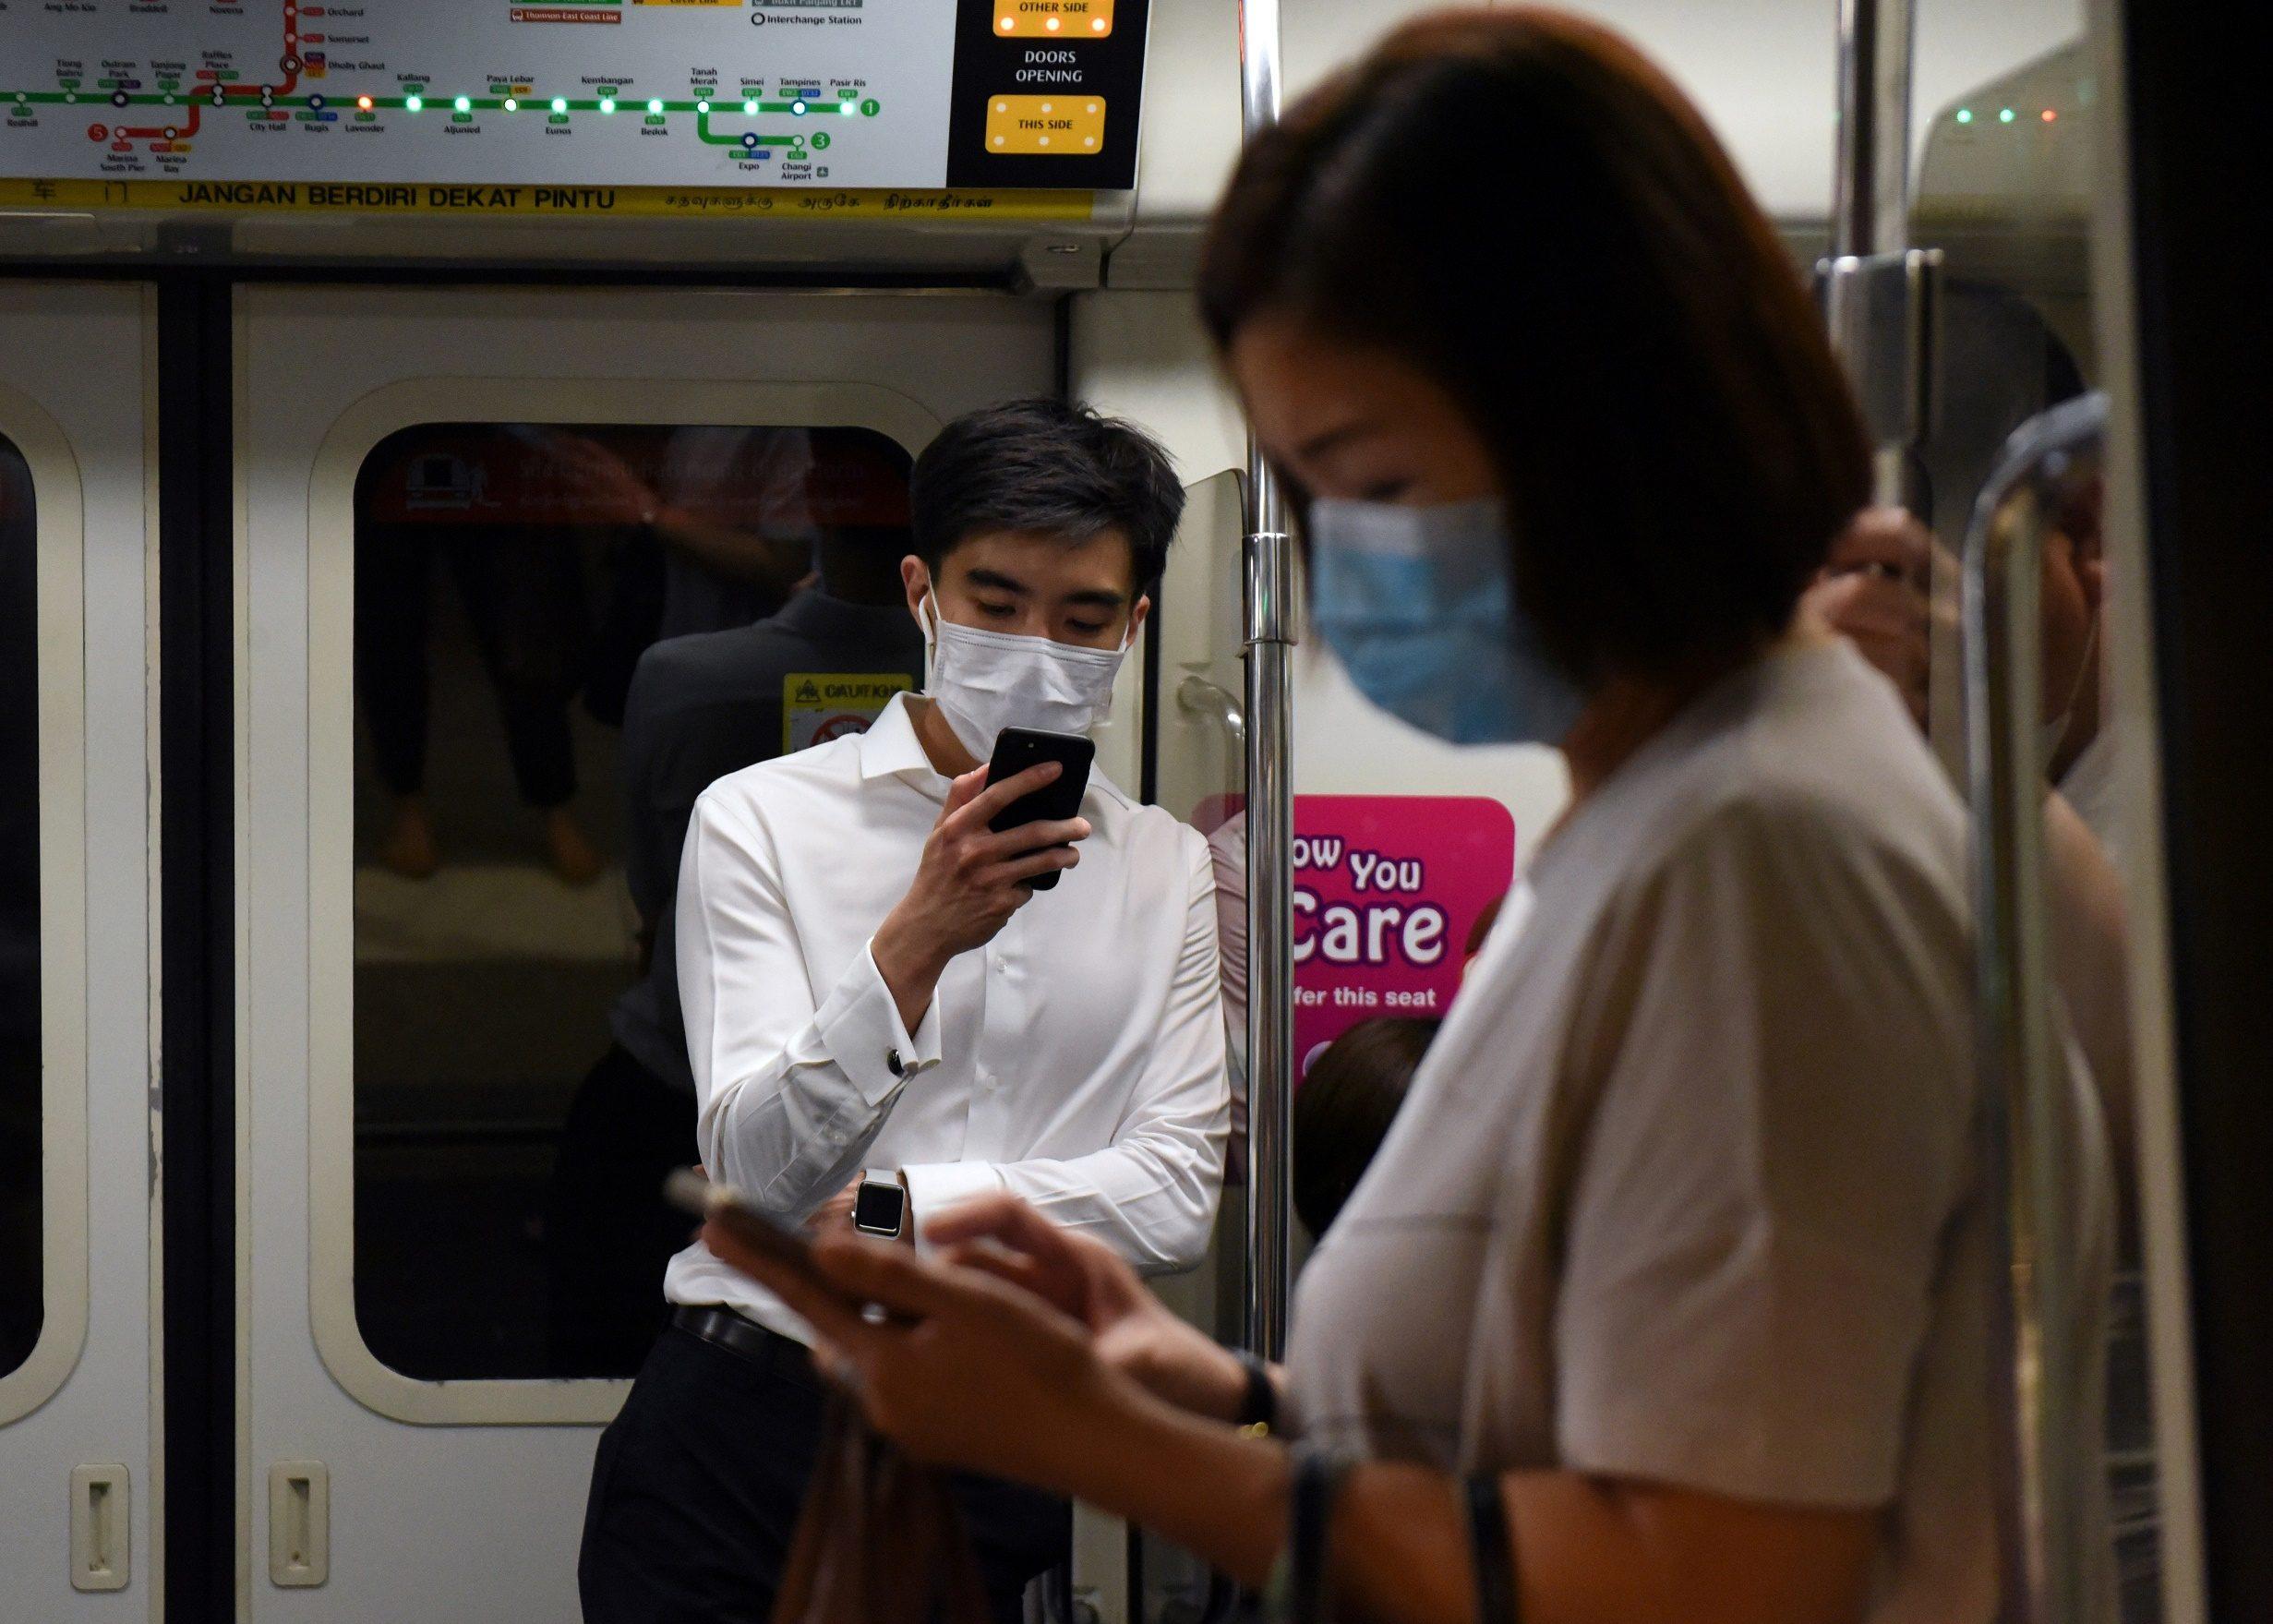 สิงคโปร์ปรับกฎเข้มคุมไวรัส ยืนใกล้กัน โดนคุก 6 เดือน